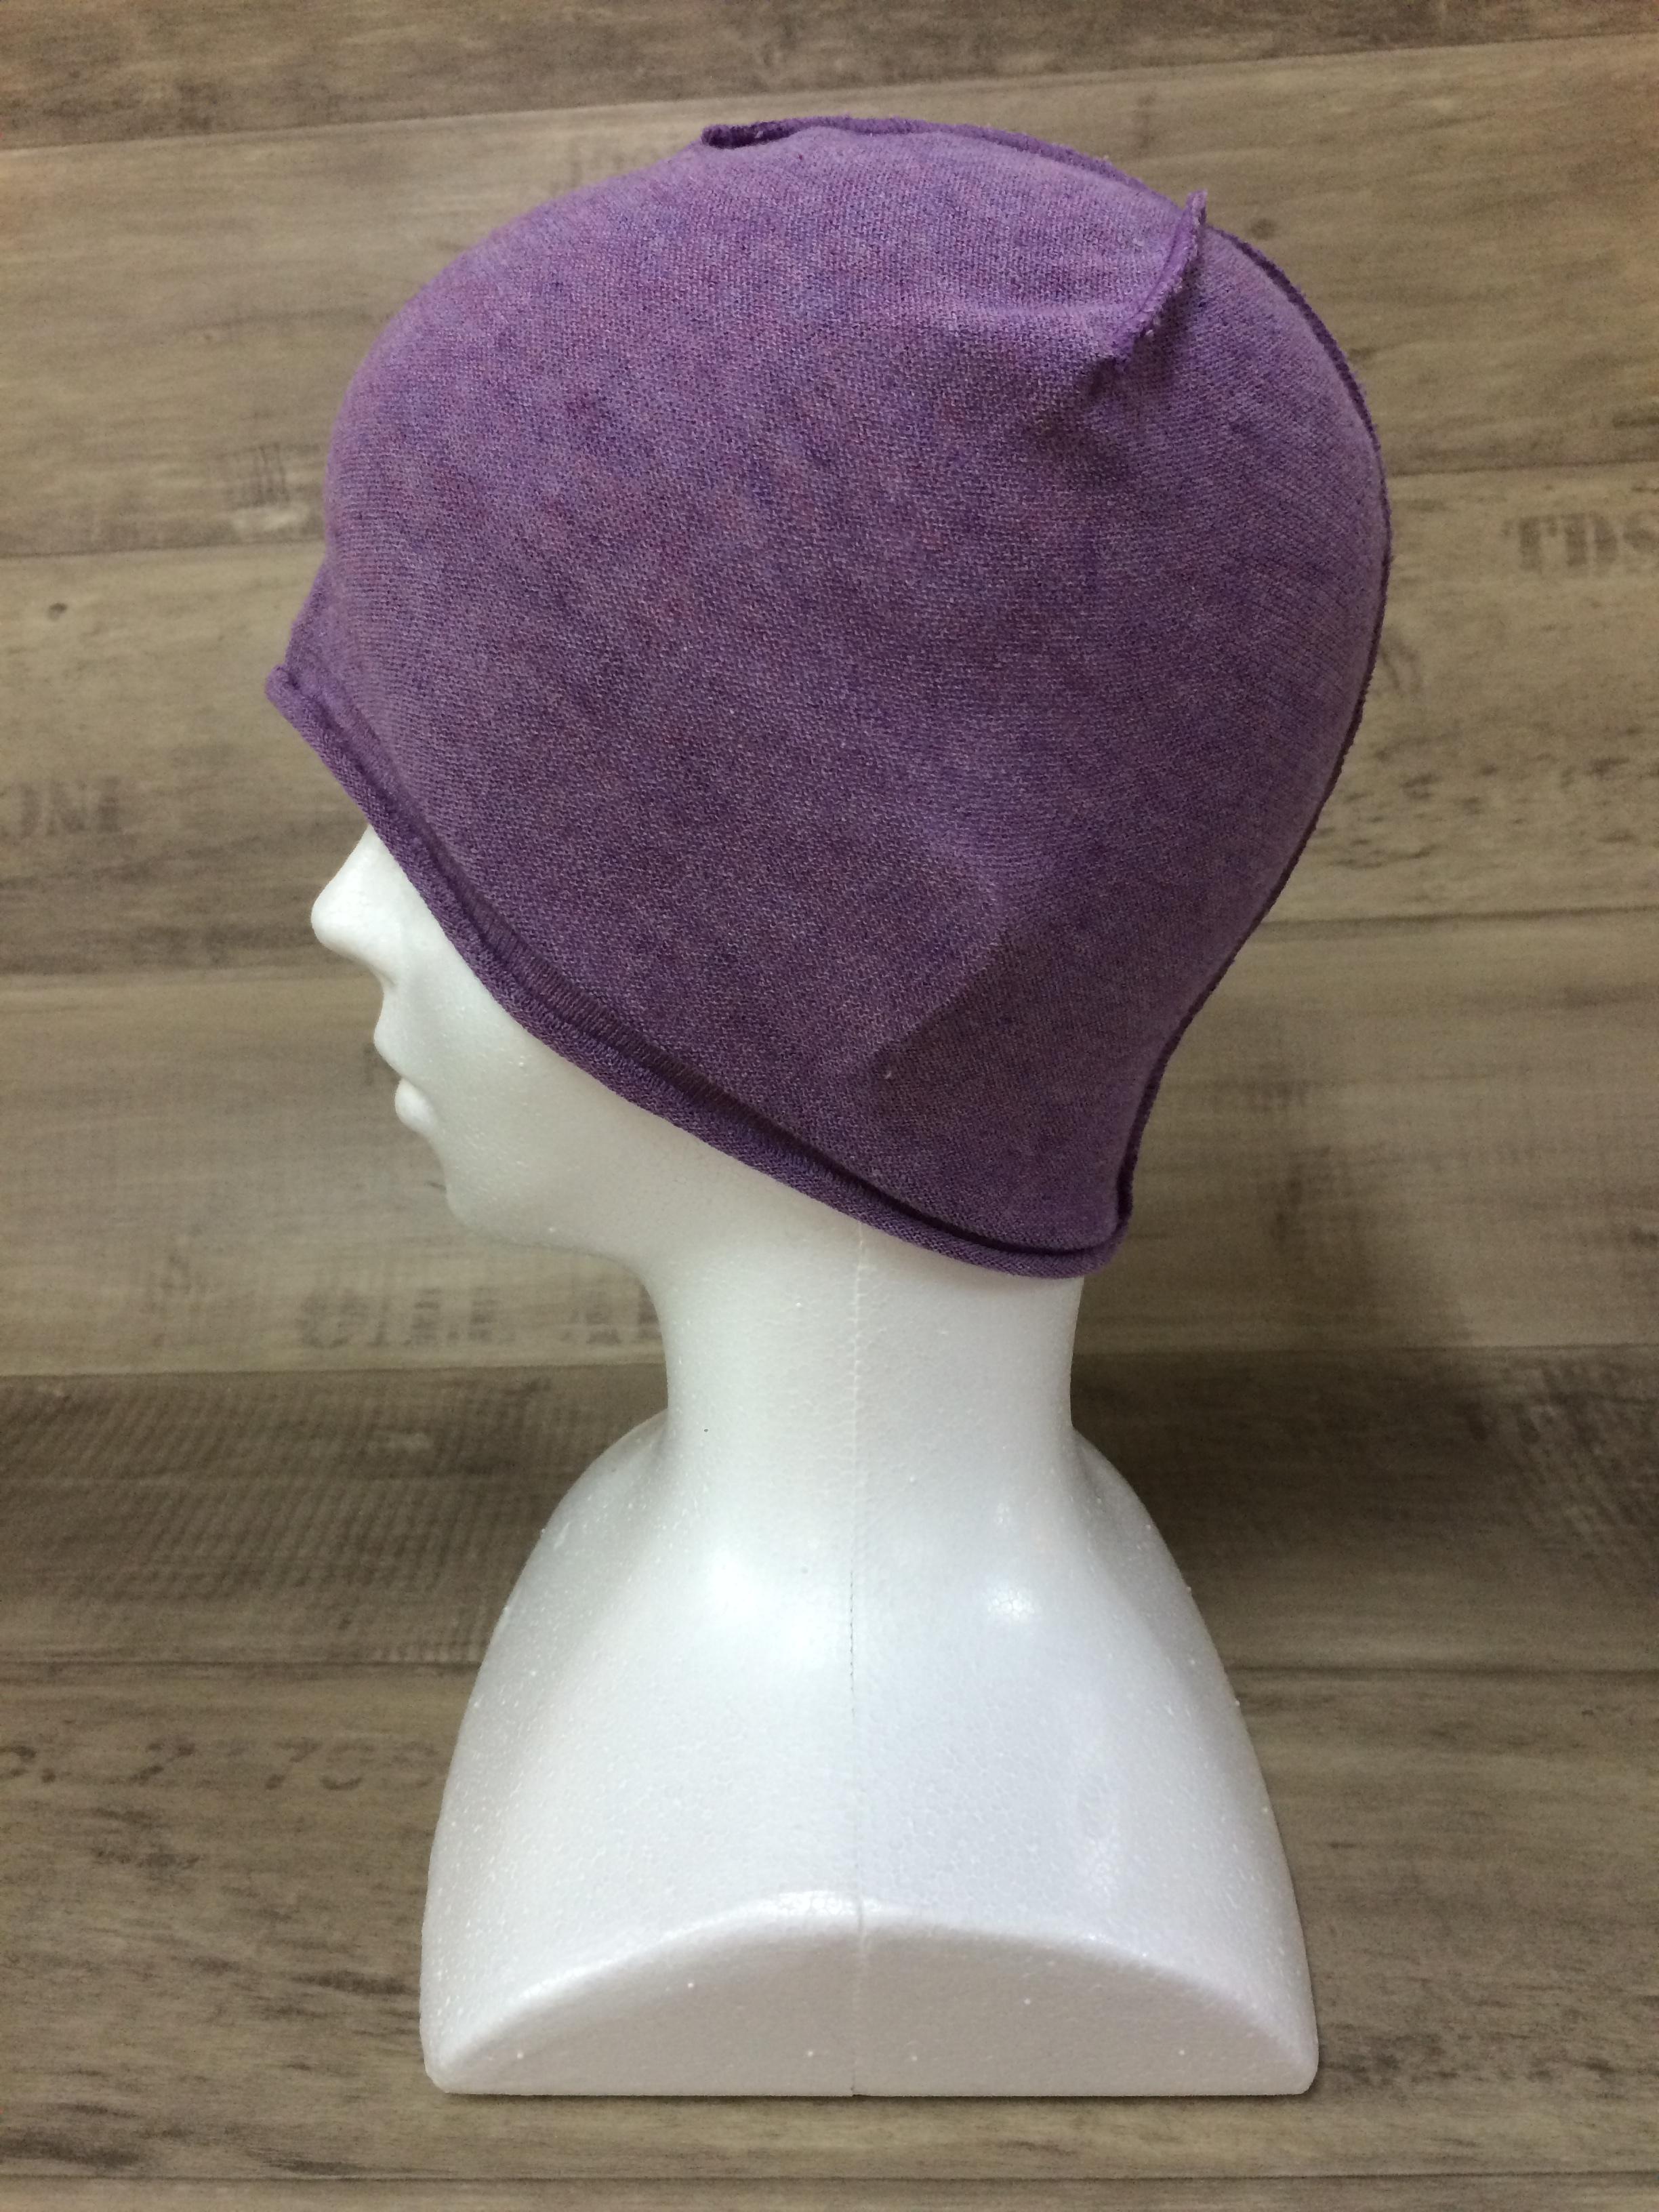 【送料無料】こころが軽くなるニット帽子amuamu|新潟の老舗ニットメーカーが考案した抗がん治療中の脱毛ストレスを軽減する機能性と豊富なデザイン NB-6057|紫芋 <オーガニックコットン インナー>